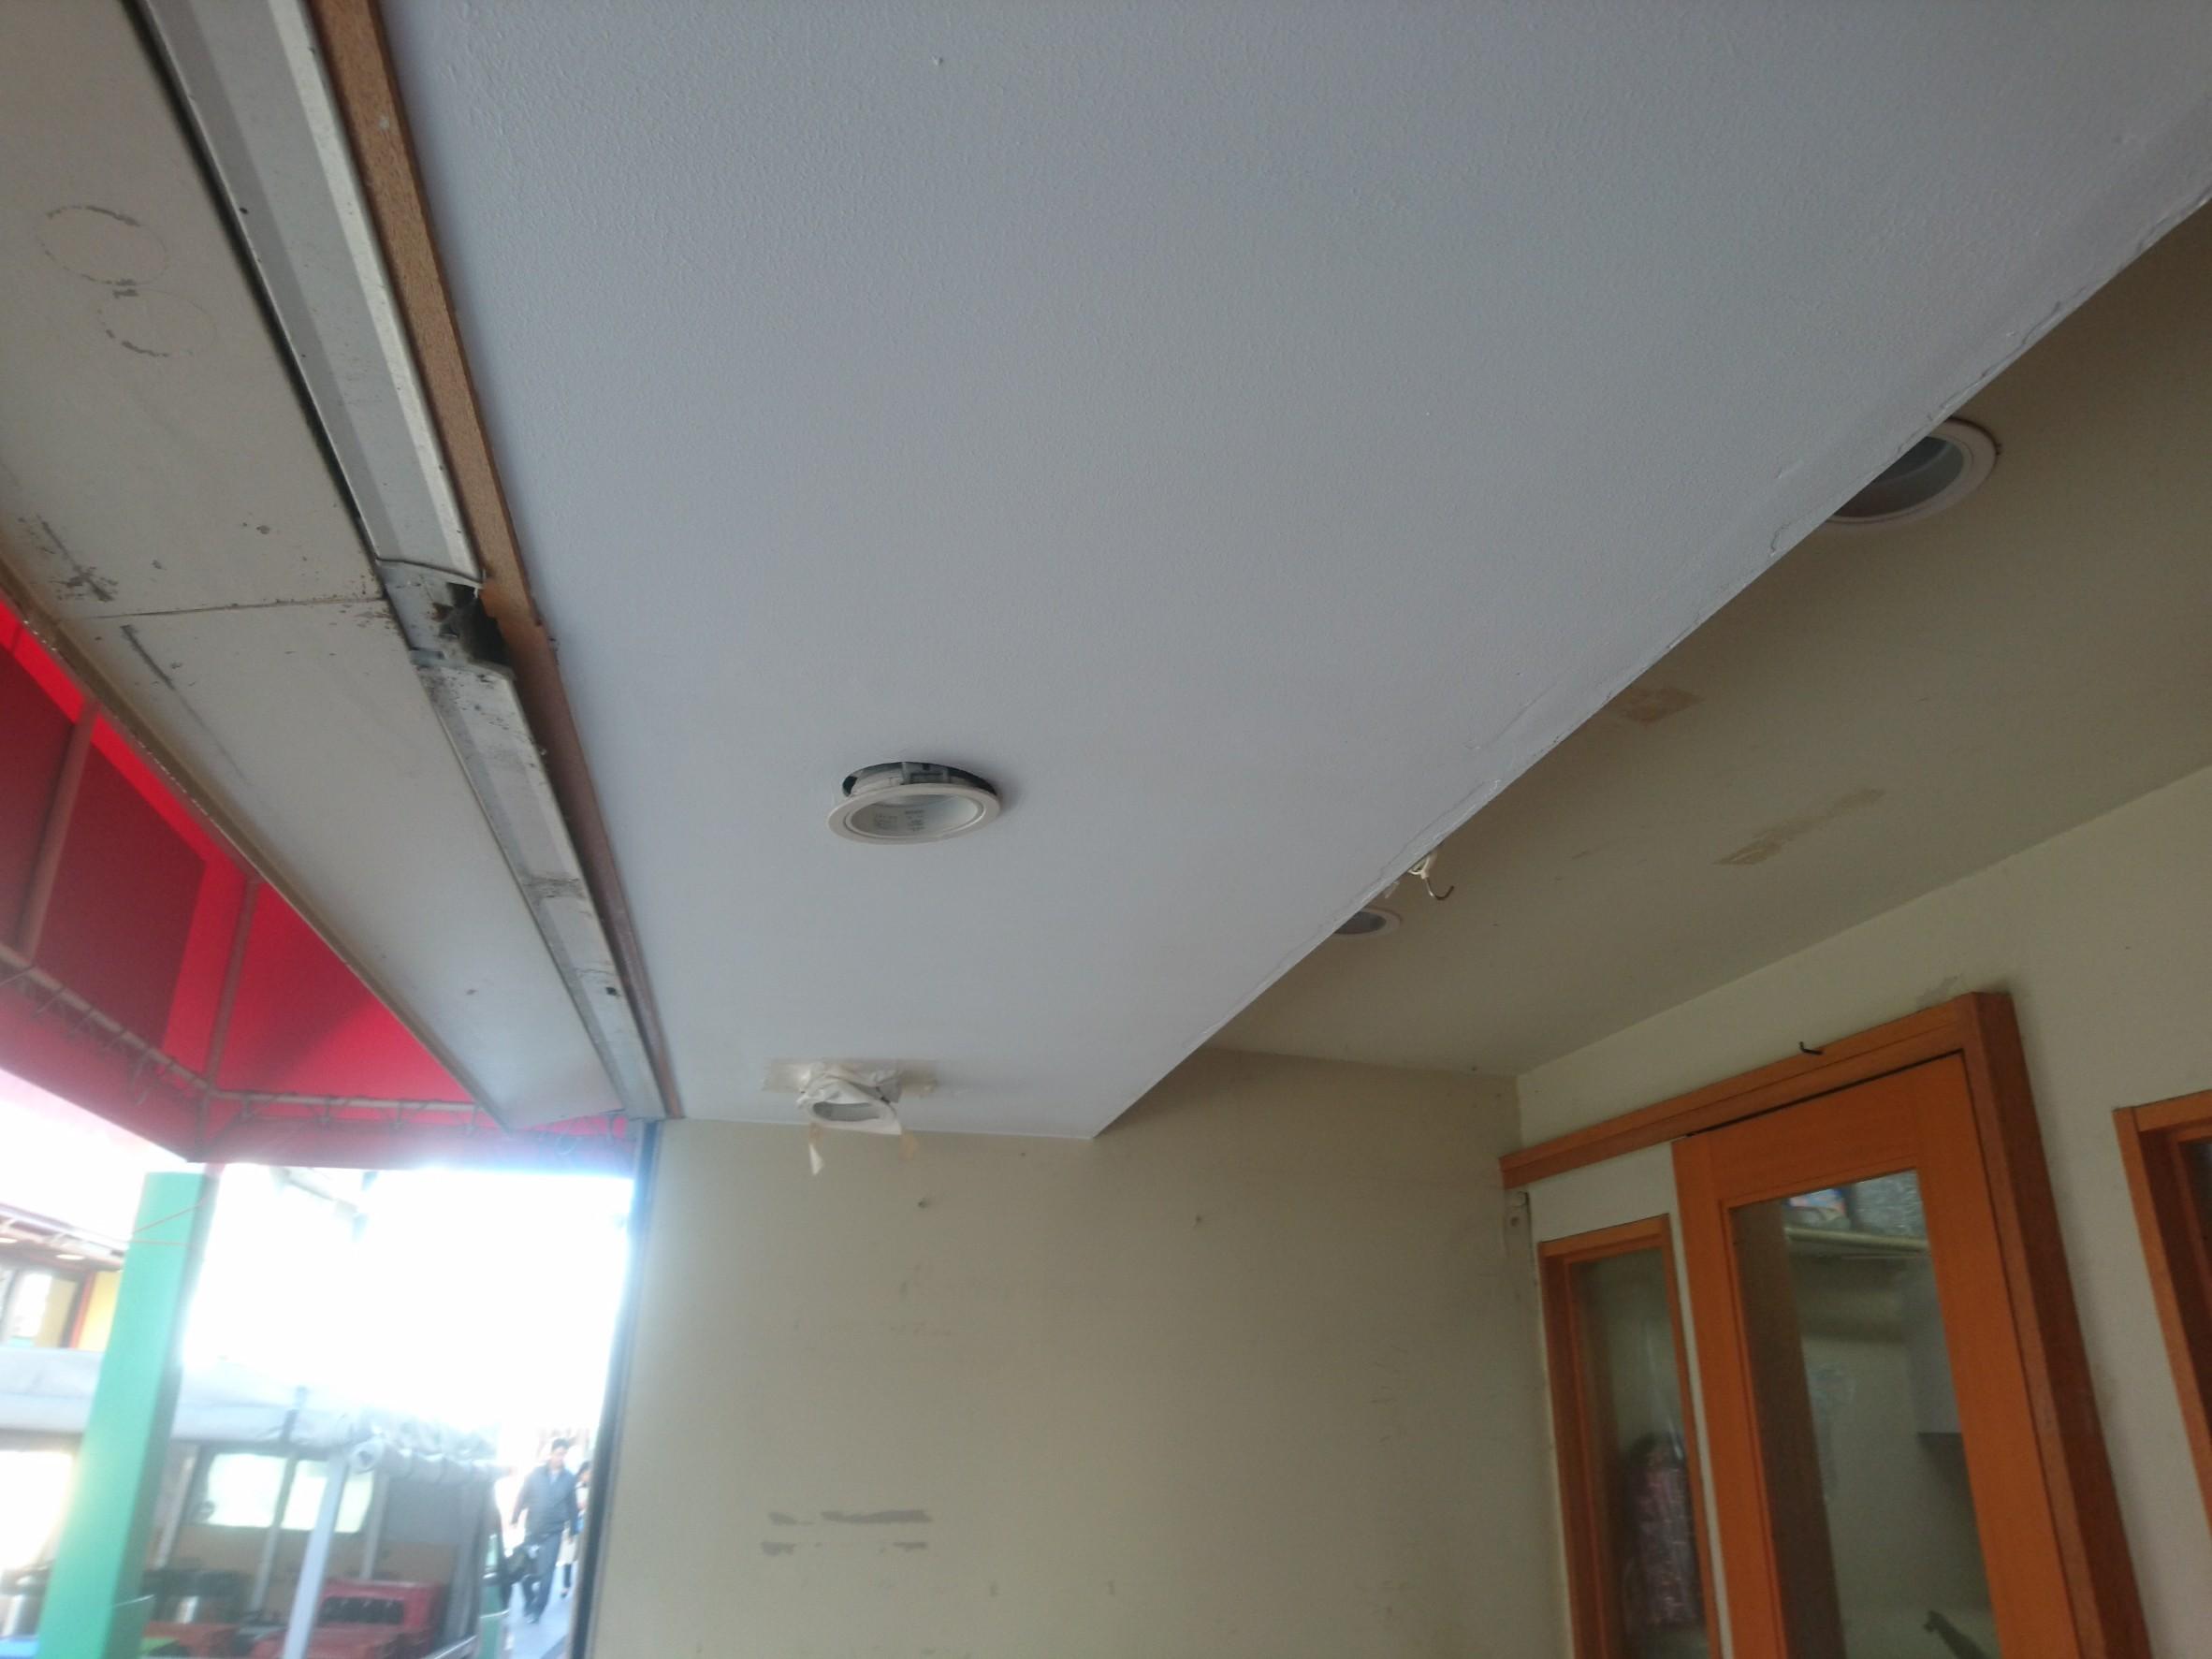 横浜市磯子区にて飲食店入口の雨漏り被害をコーキング補修と天井張替・塗装で改善